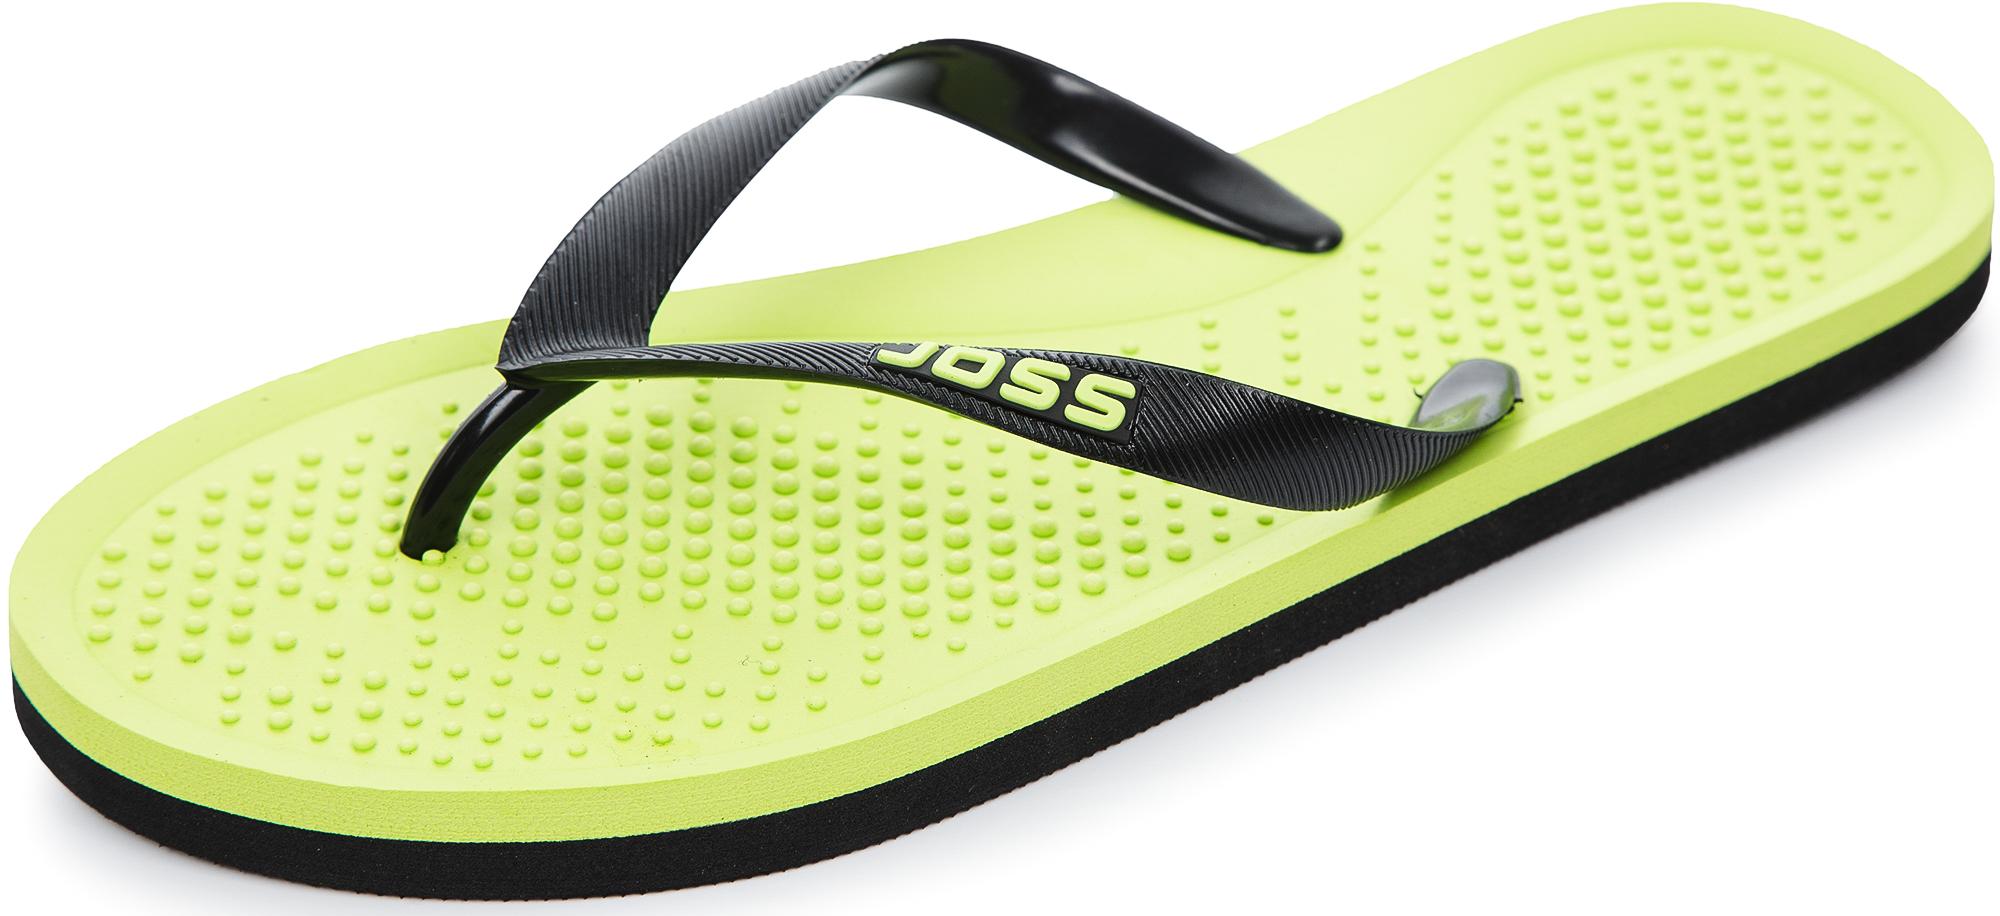 цена на Joss Шлепанцы мужские Joss Airlight, размер 45